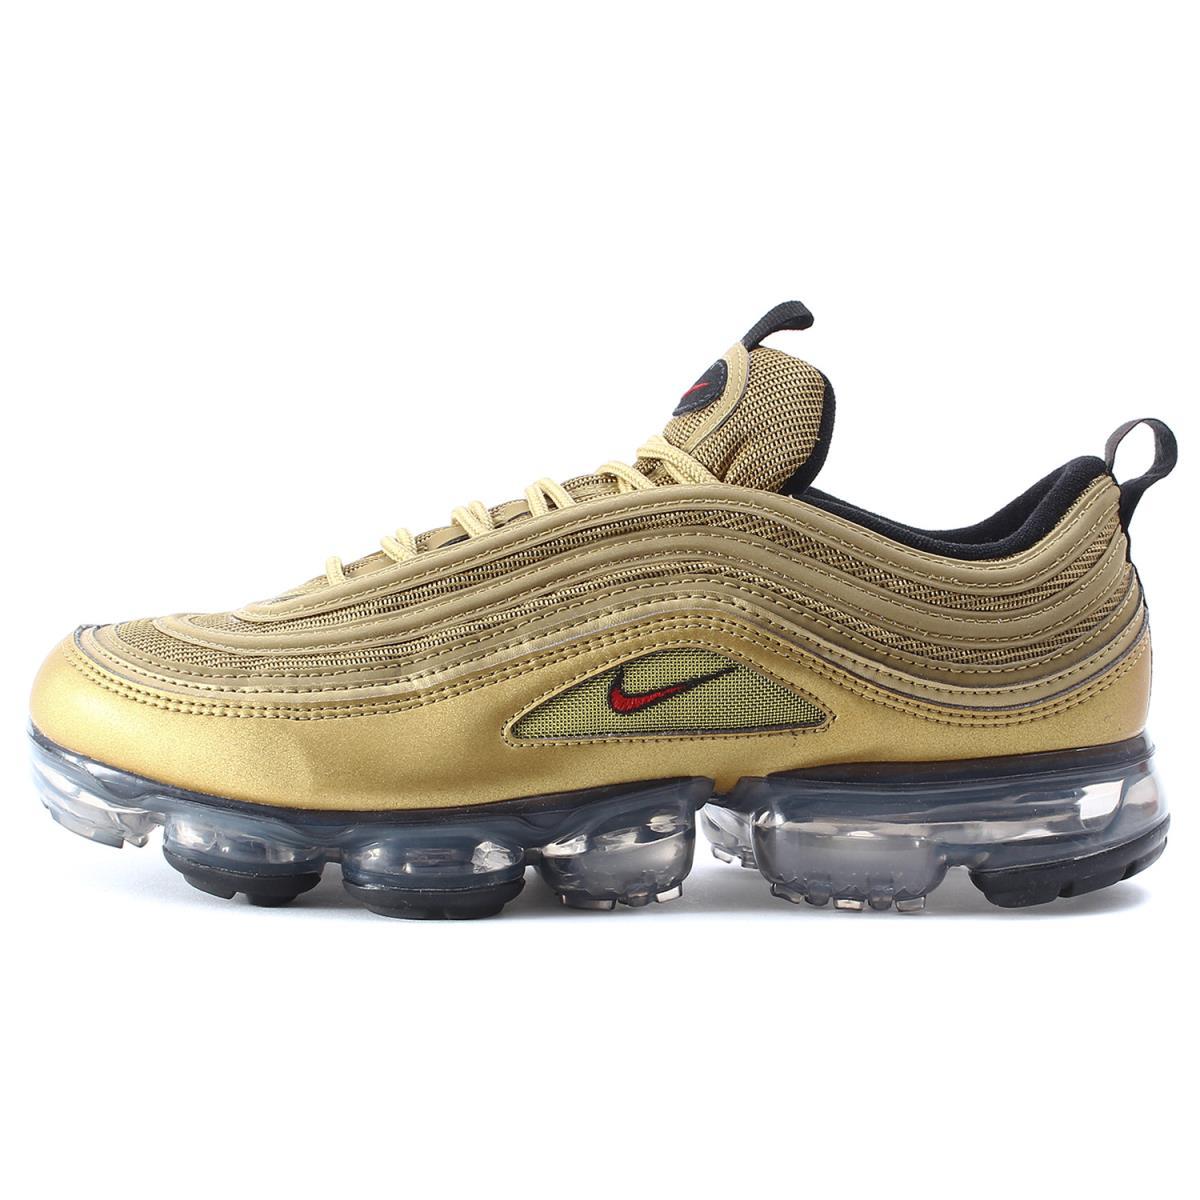 楽天市場】ナイキ エアマックス(靴サイズ(cm)27.5)(靴)の通販